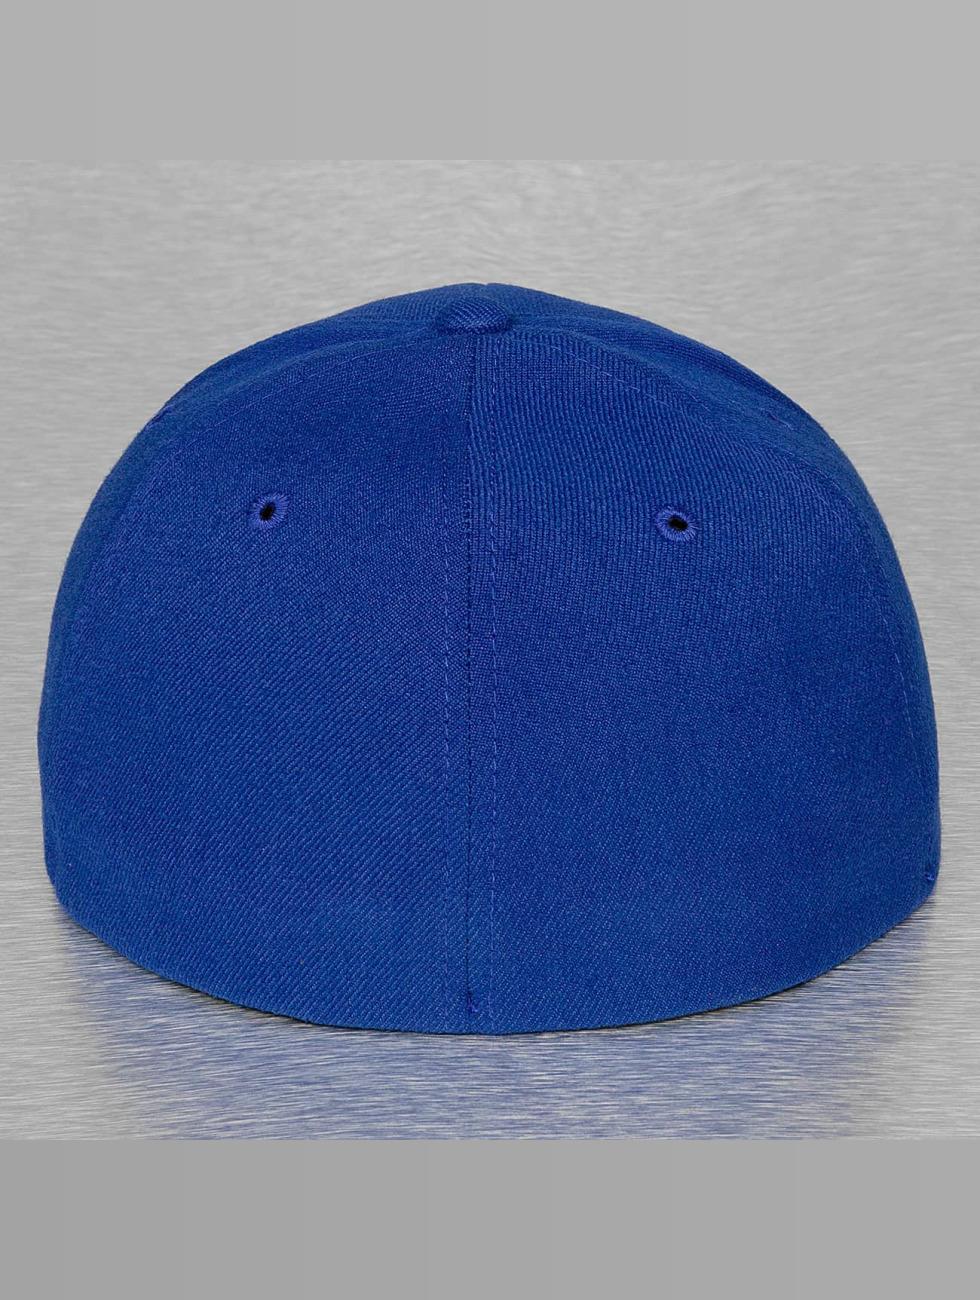 Decky USA Flexfitted Cap Flat Bill blauw